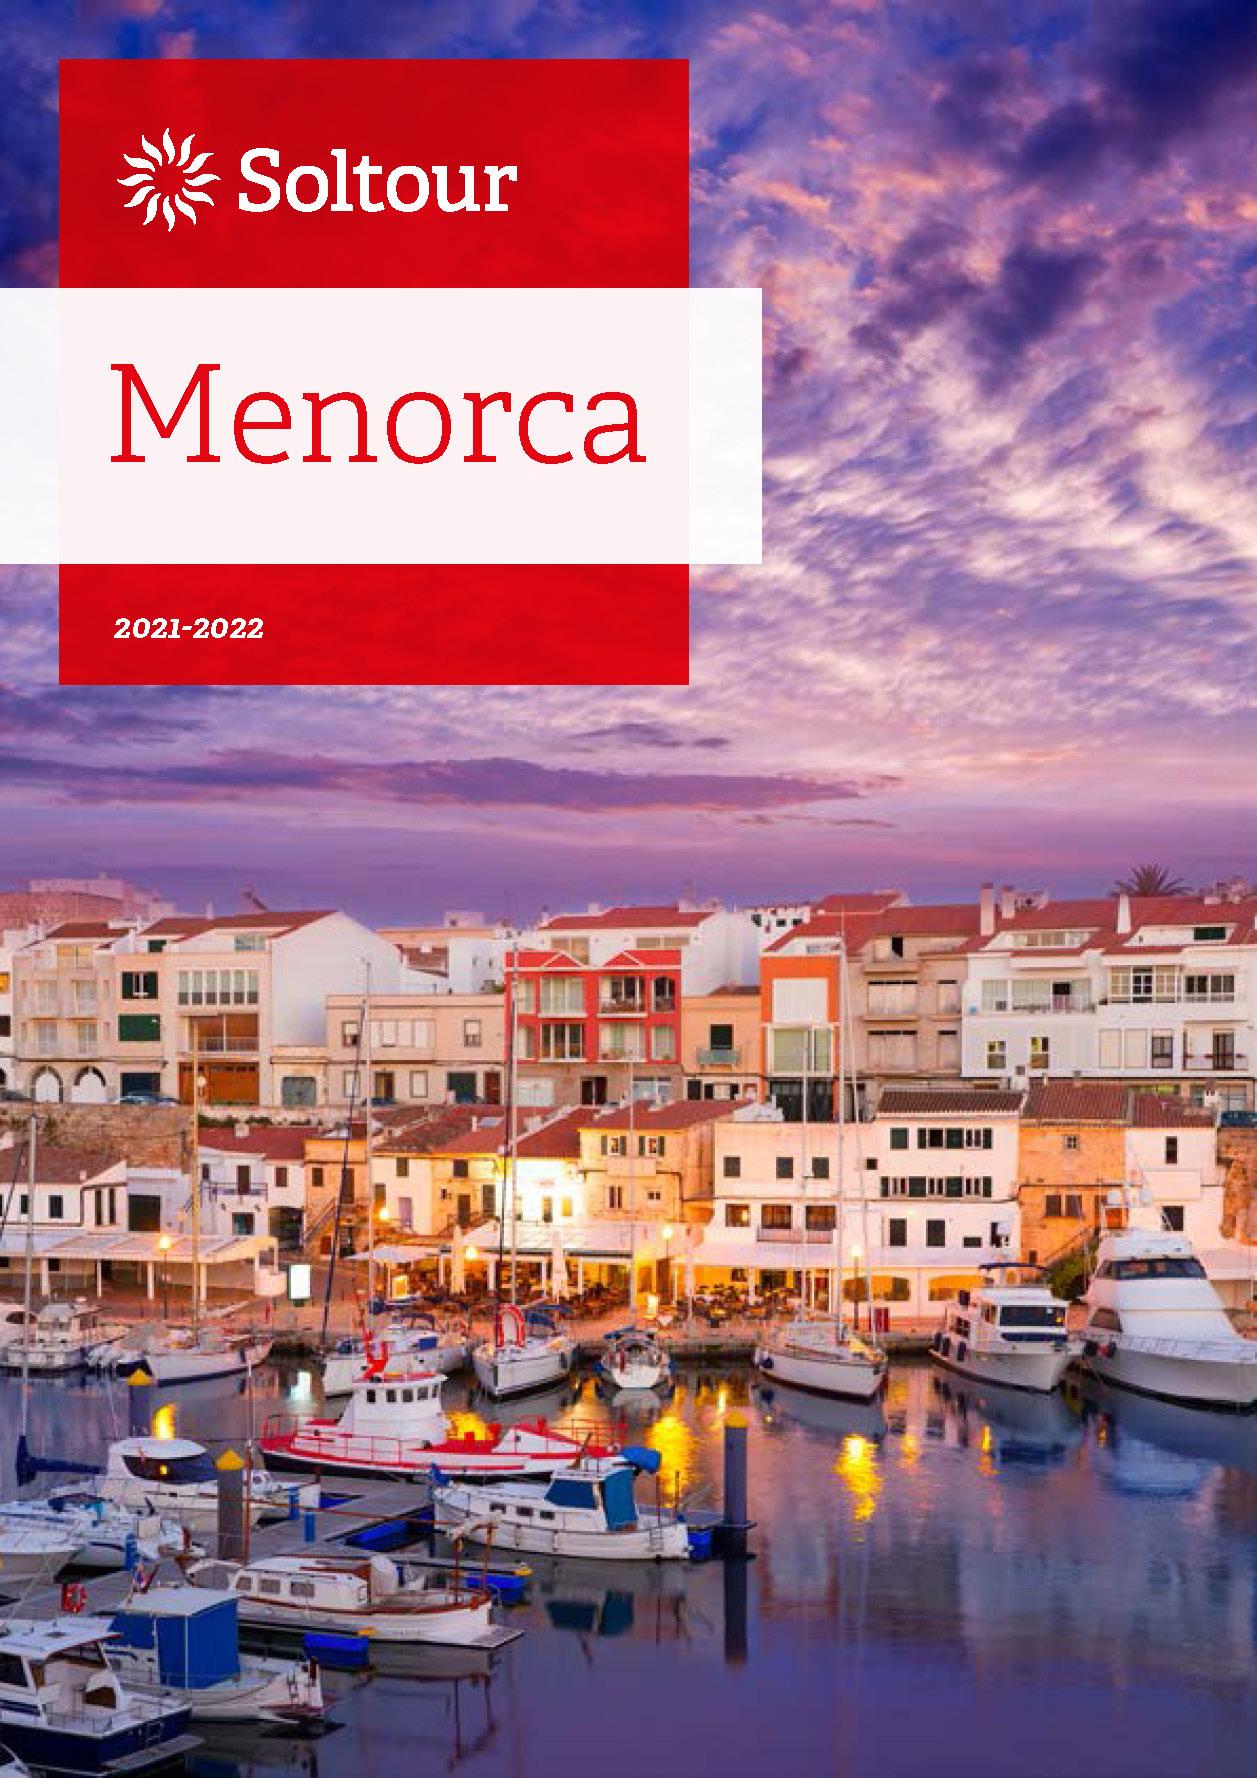 Catalogo Soltour Menorca 2021-2022